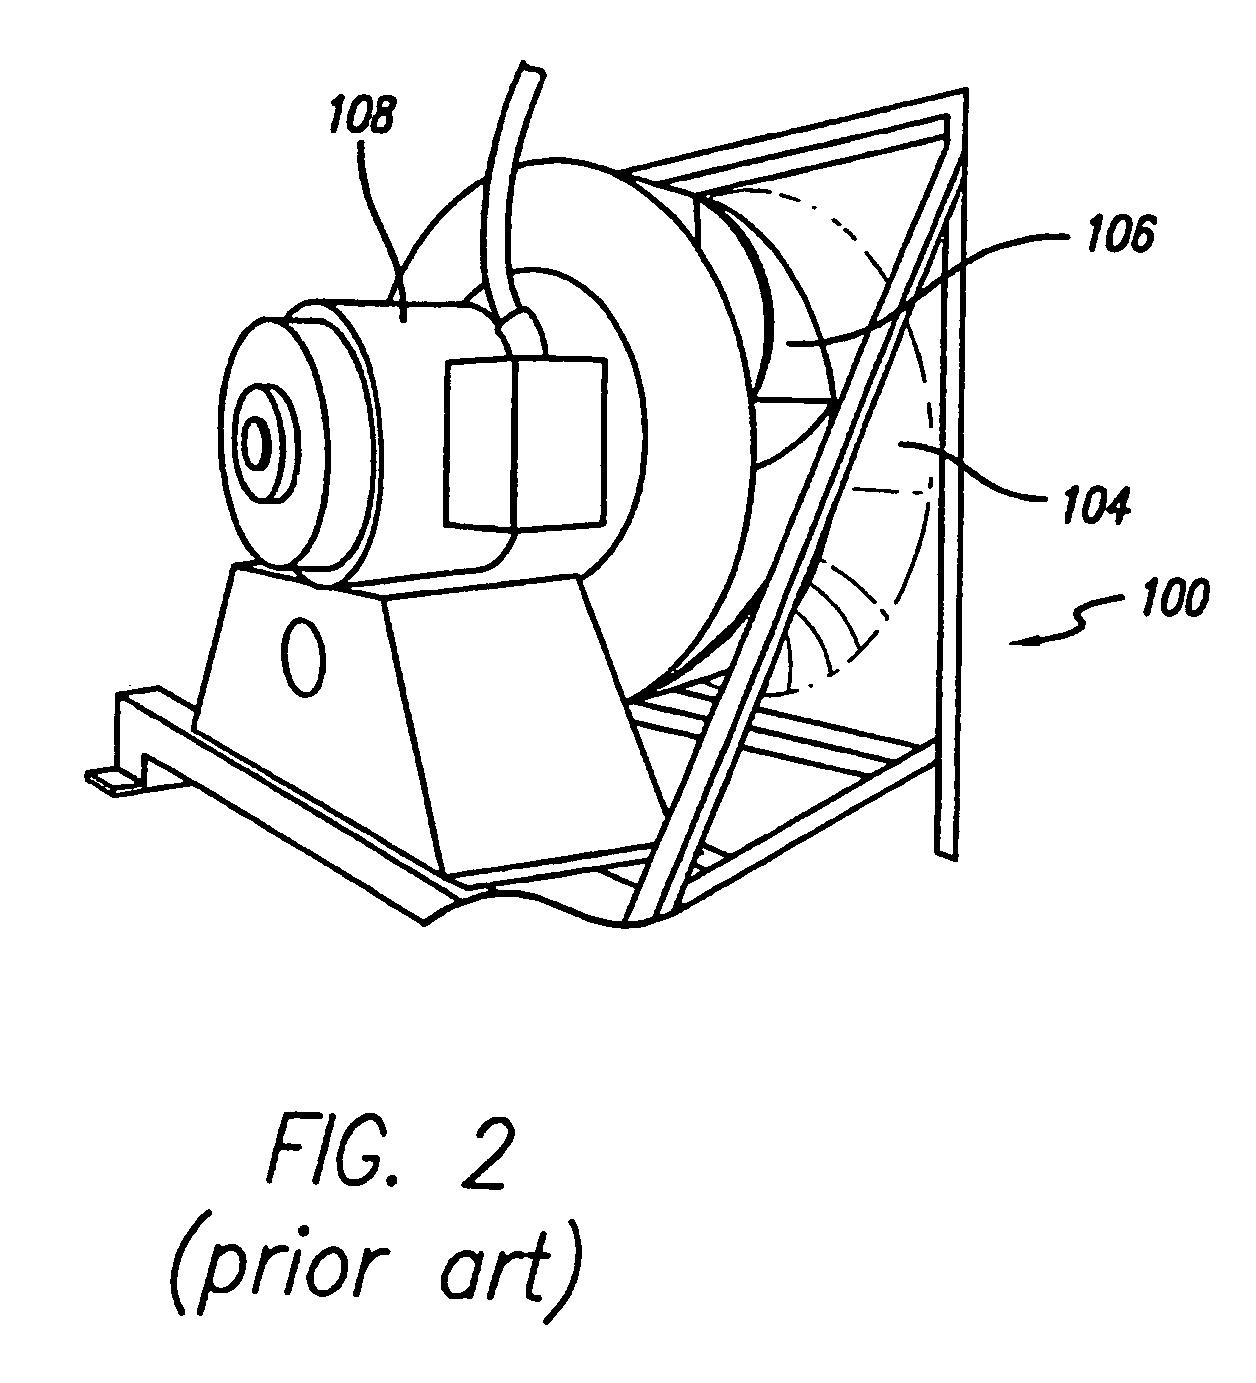 singer furnace wiring diagram singer get free image about wiring diagram